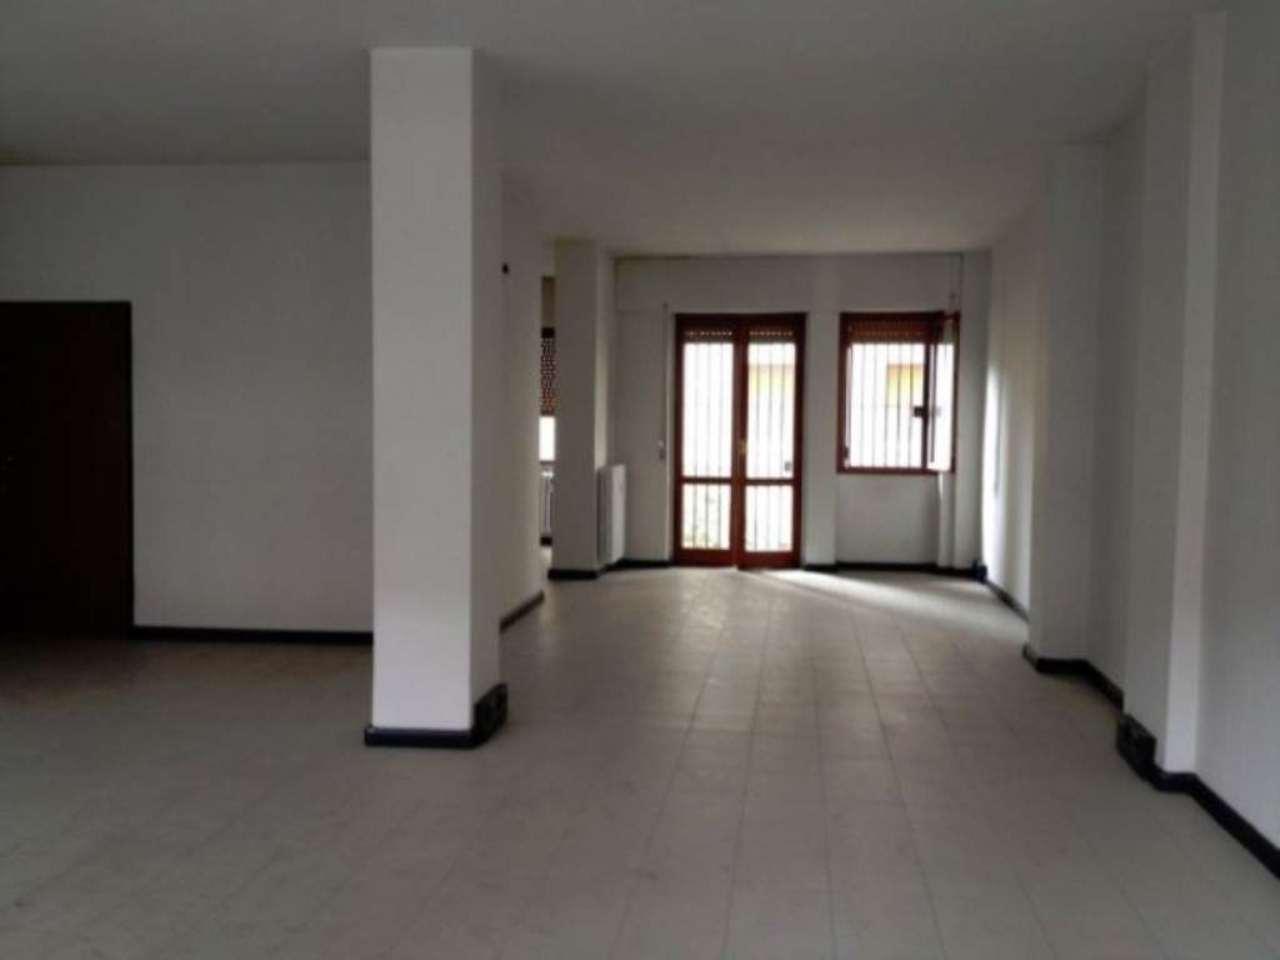 Ufficio-studio in Vendita a Gallarate Centro: 4 locali, 210 mq